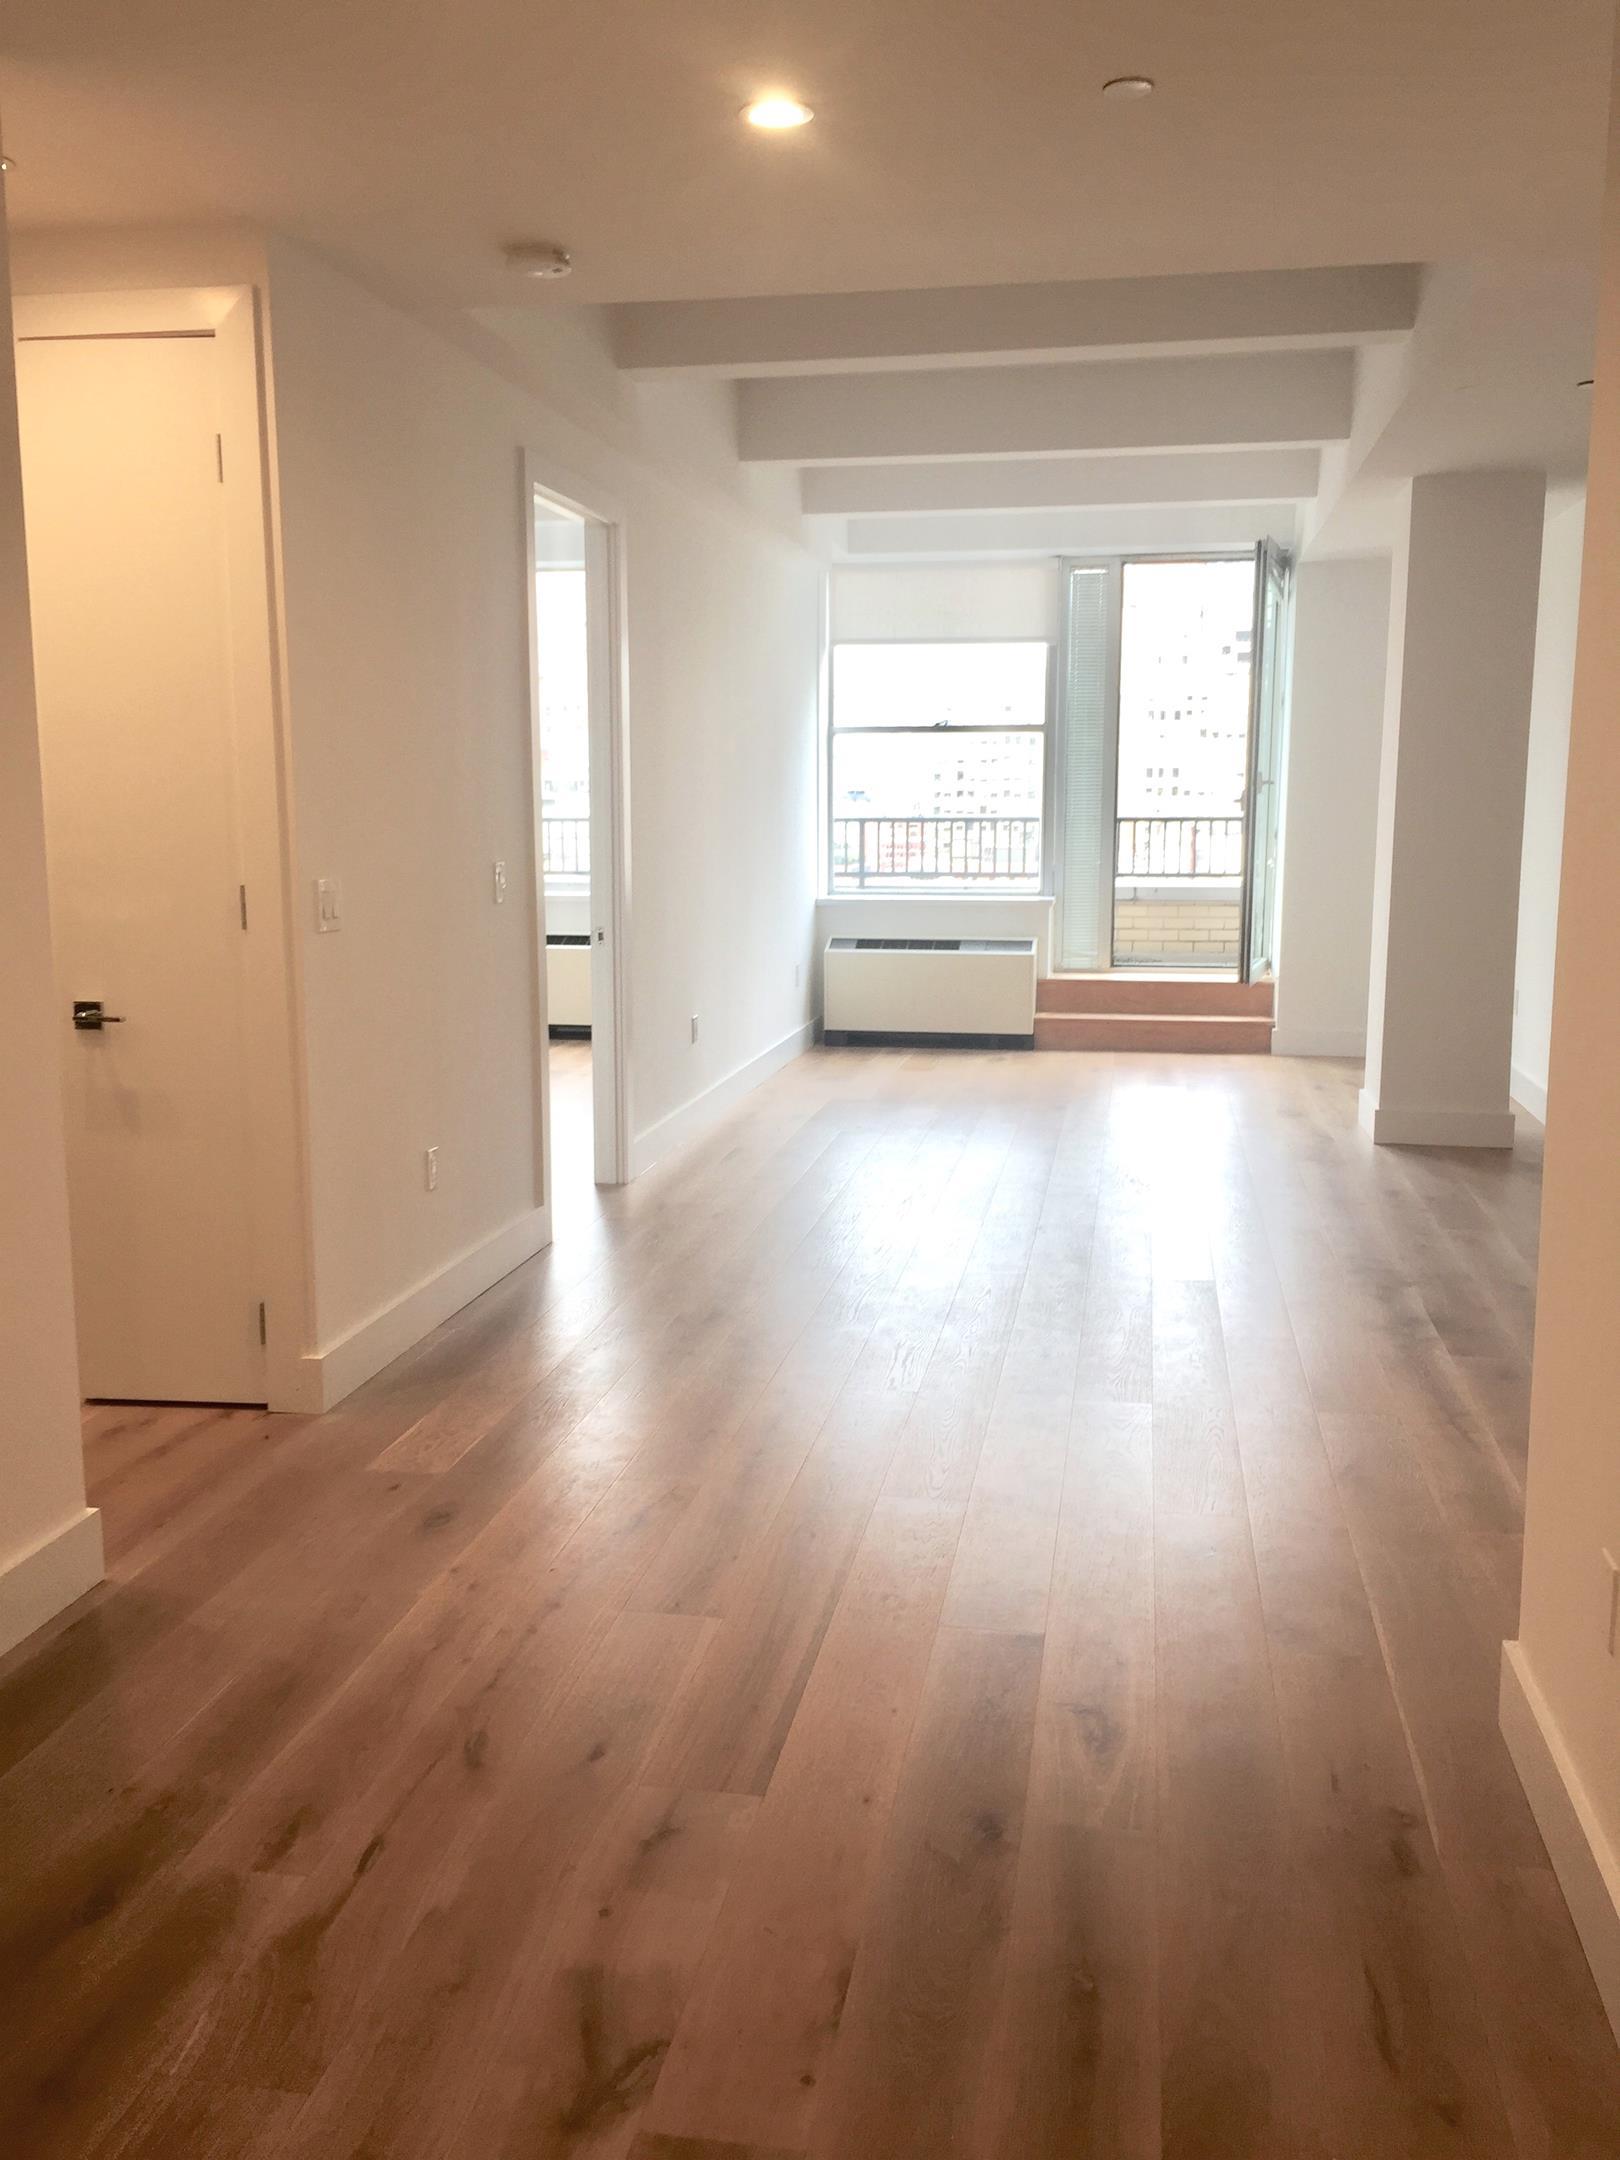 50 Murray St 1206, New York, NY 10007